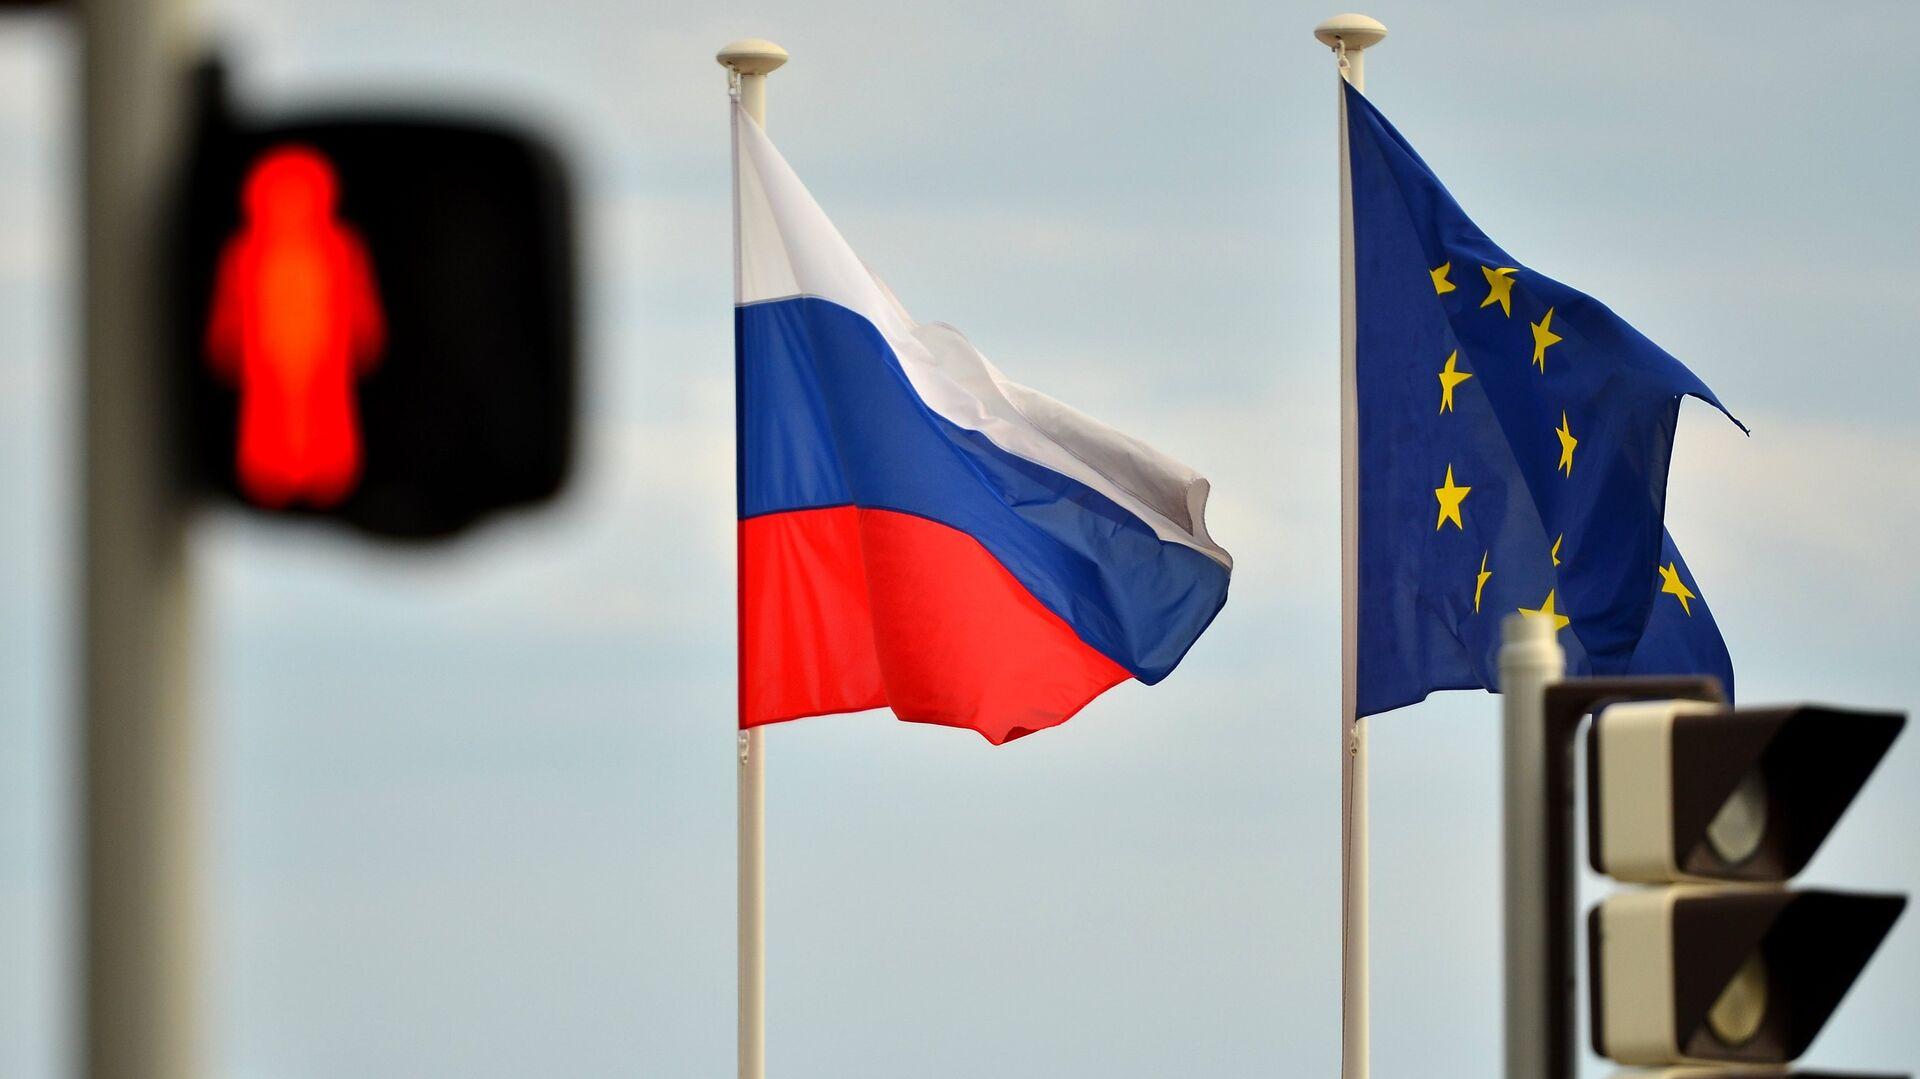 Banderas de Rusia y la UE - Sputnik Mundo, 1920, 22.03.2021